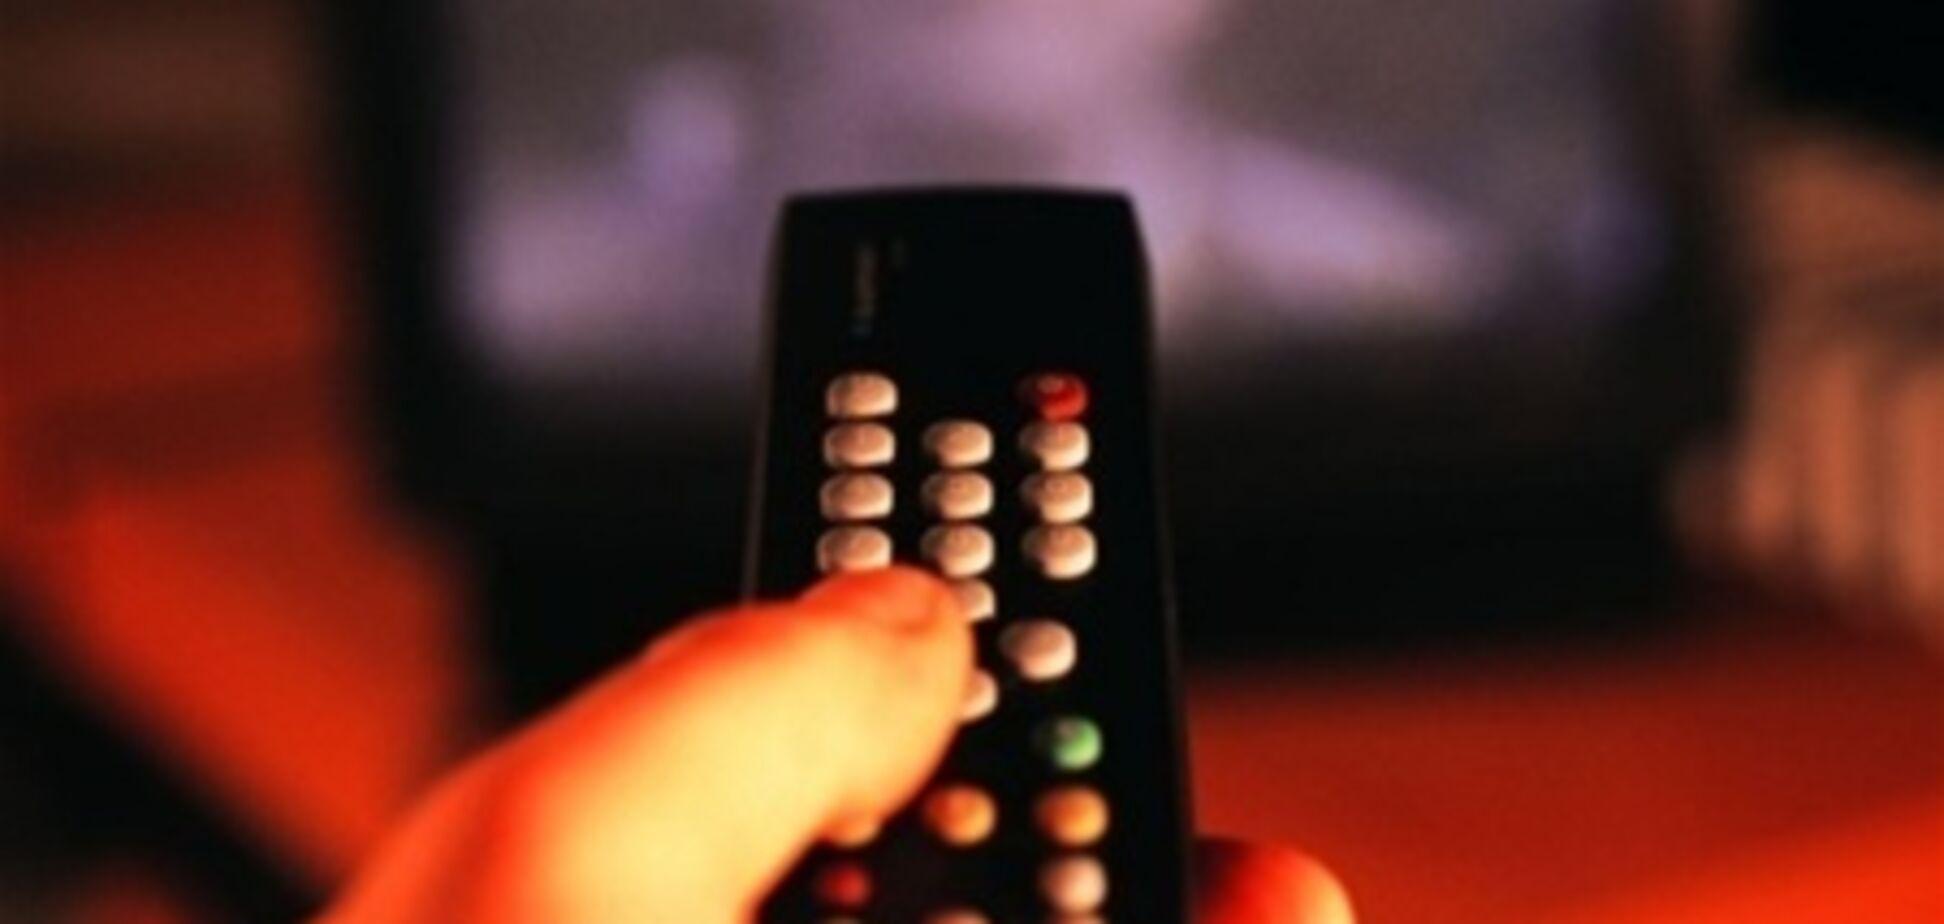 Греческий ТВ-канал показал порно во время новостей